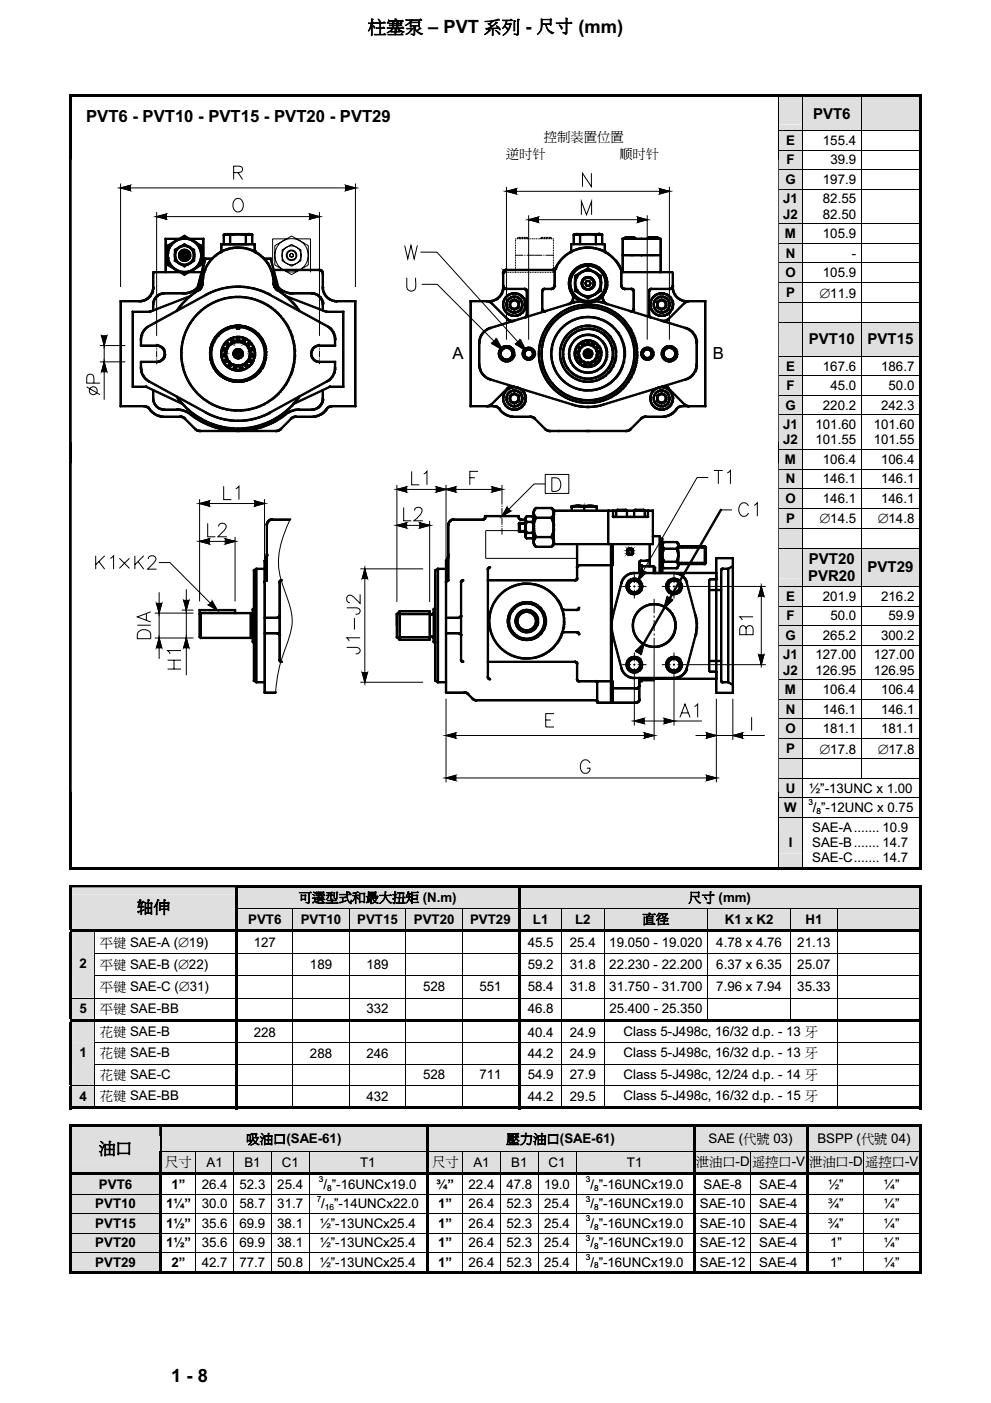 丹尼逊PVT系列柱塞泵尺寸